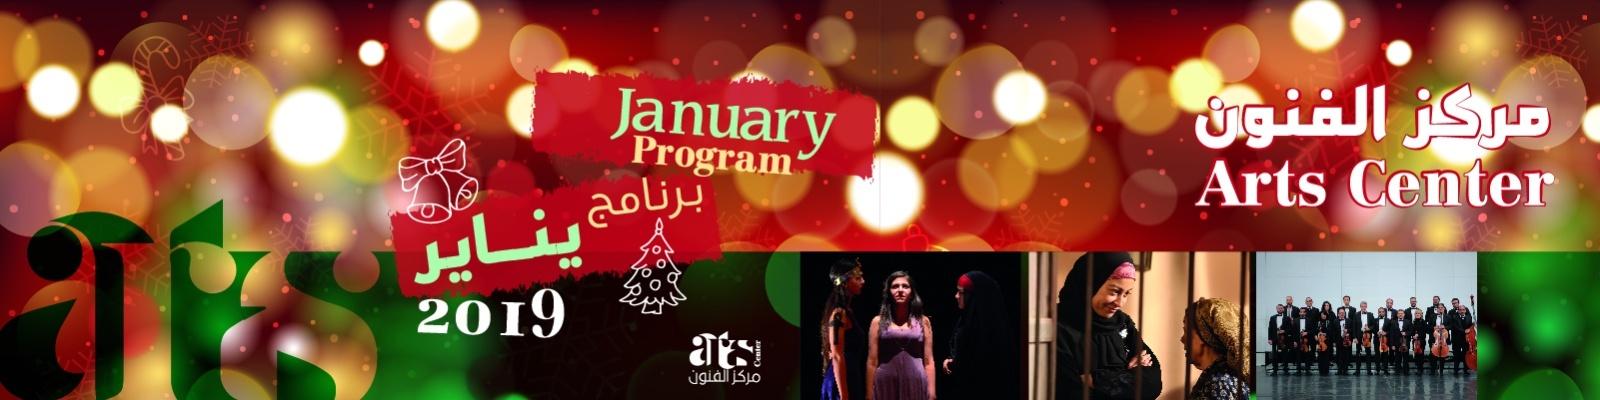 مركز الفنون: برنامج شهر يناير